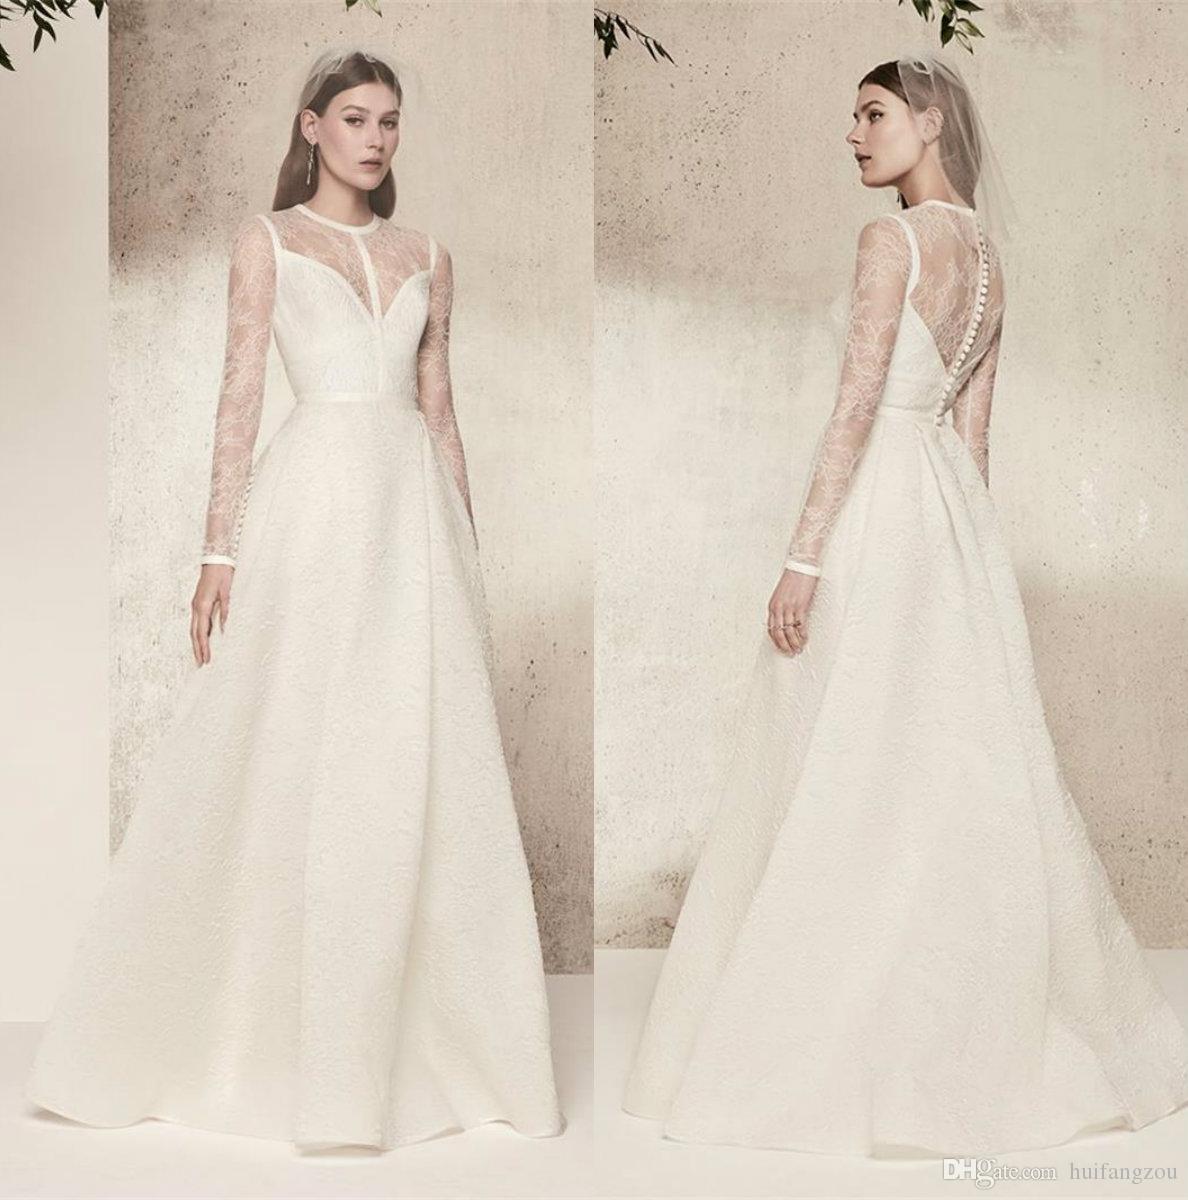 Großhandel Elie Saab Vintage Brautkleider Plus Size Mit Ärmeln Sheer Spitze  Top Qualität Satin Brautkleider Bodenlangen Einfache Brautkleid Von